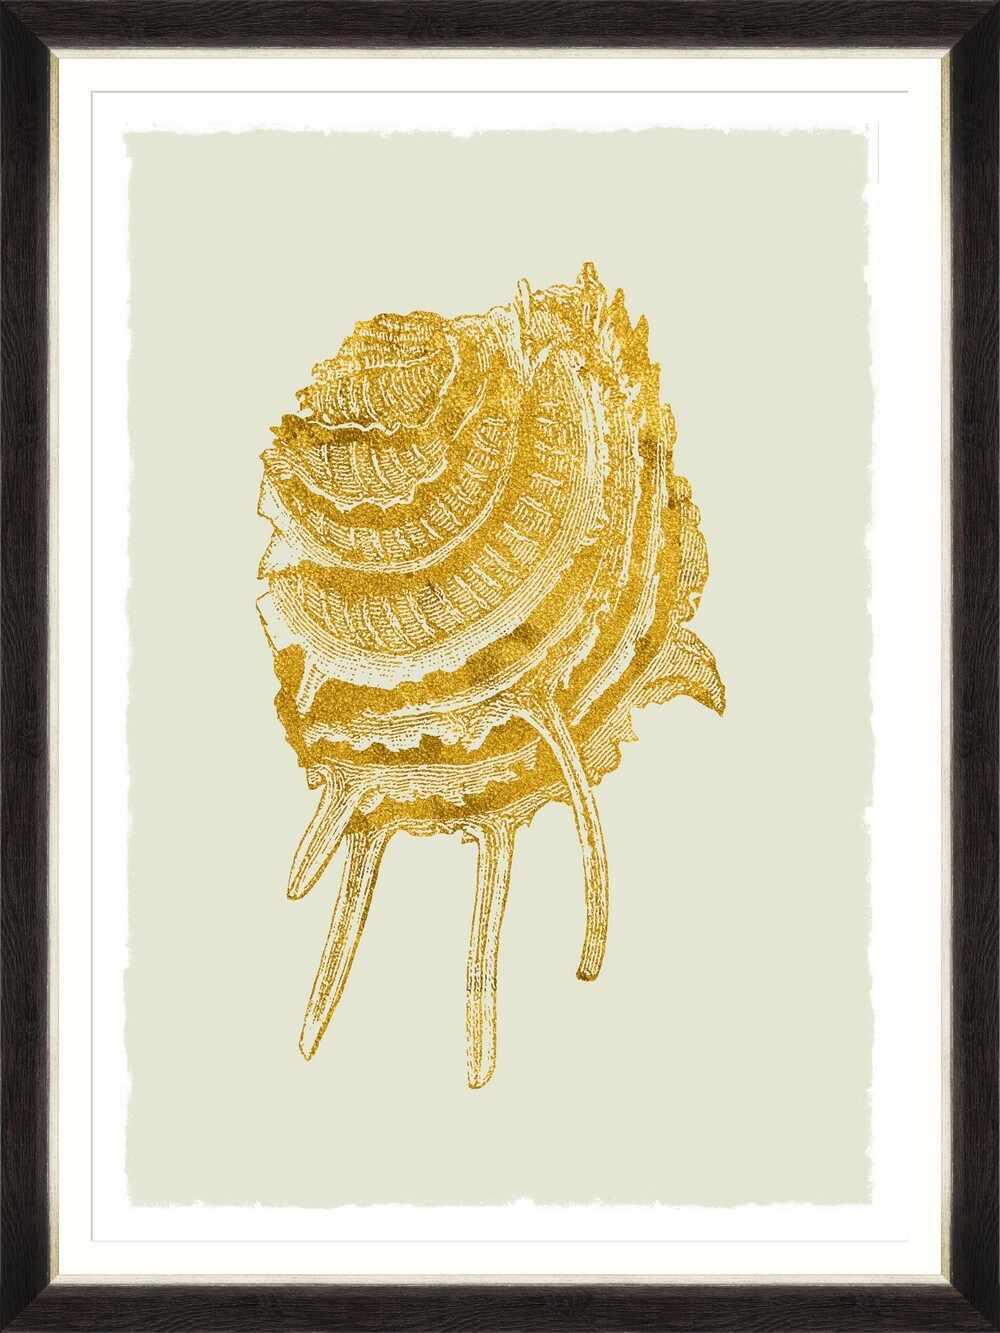 Tablou Framed Art Golden Seashell V la pret 638 lei